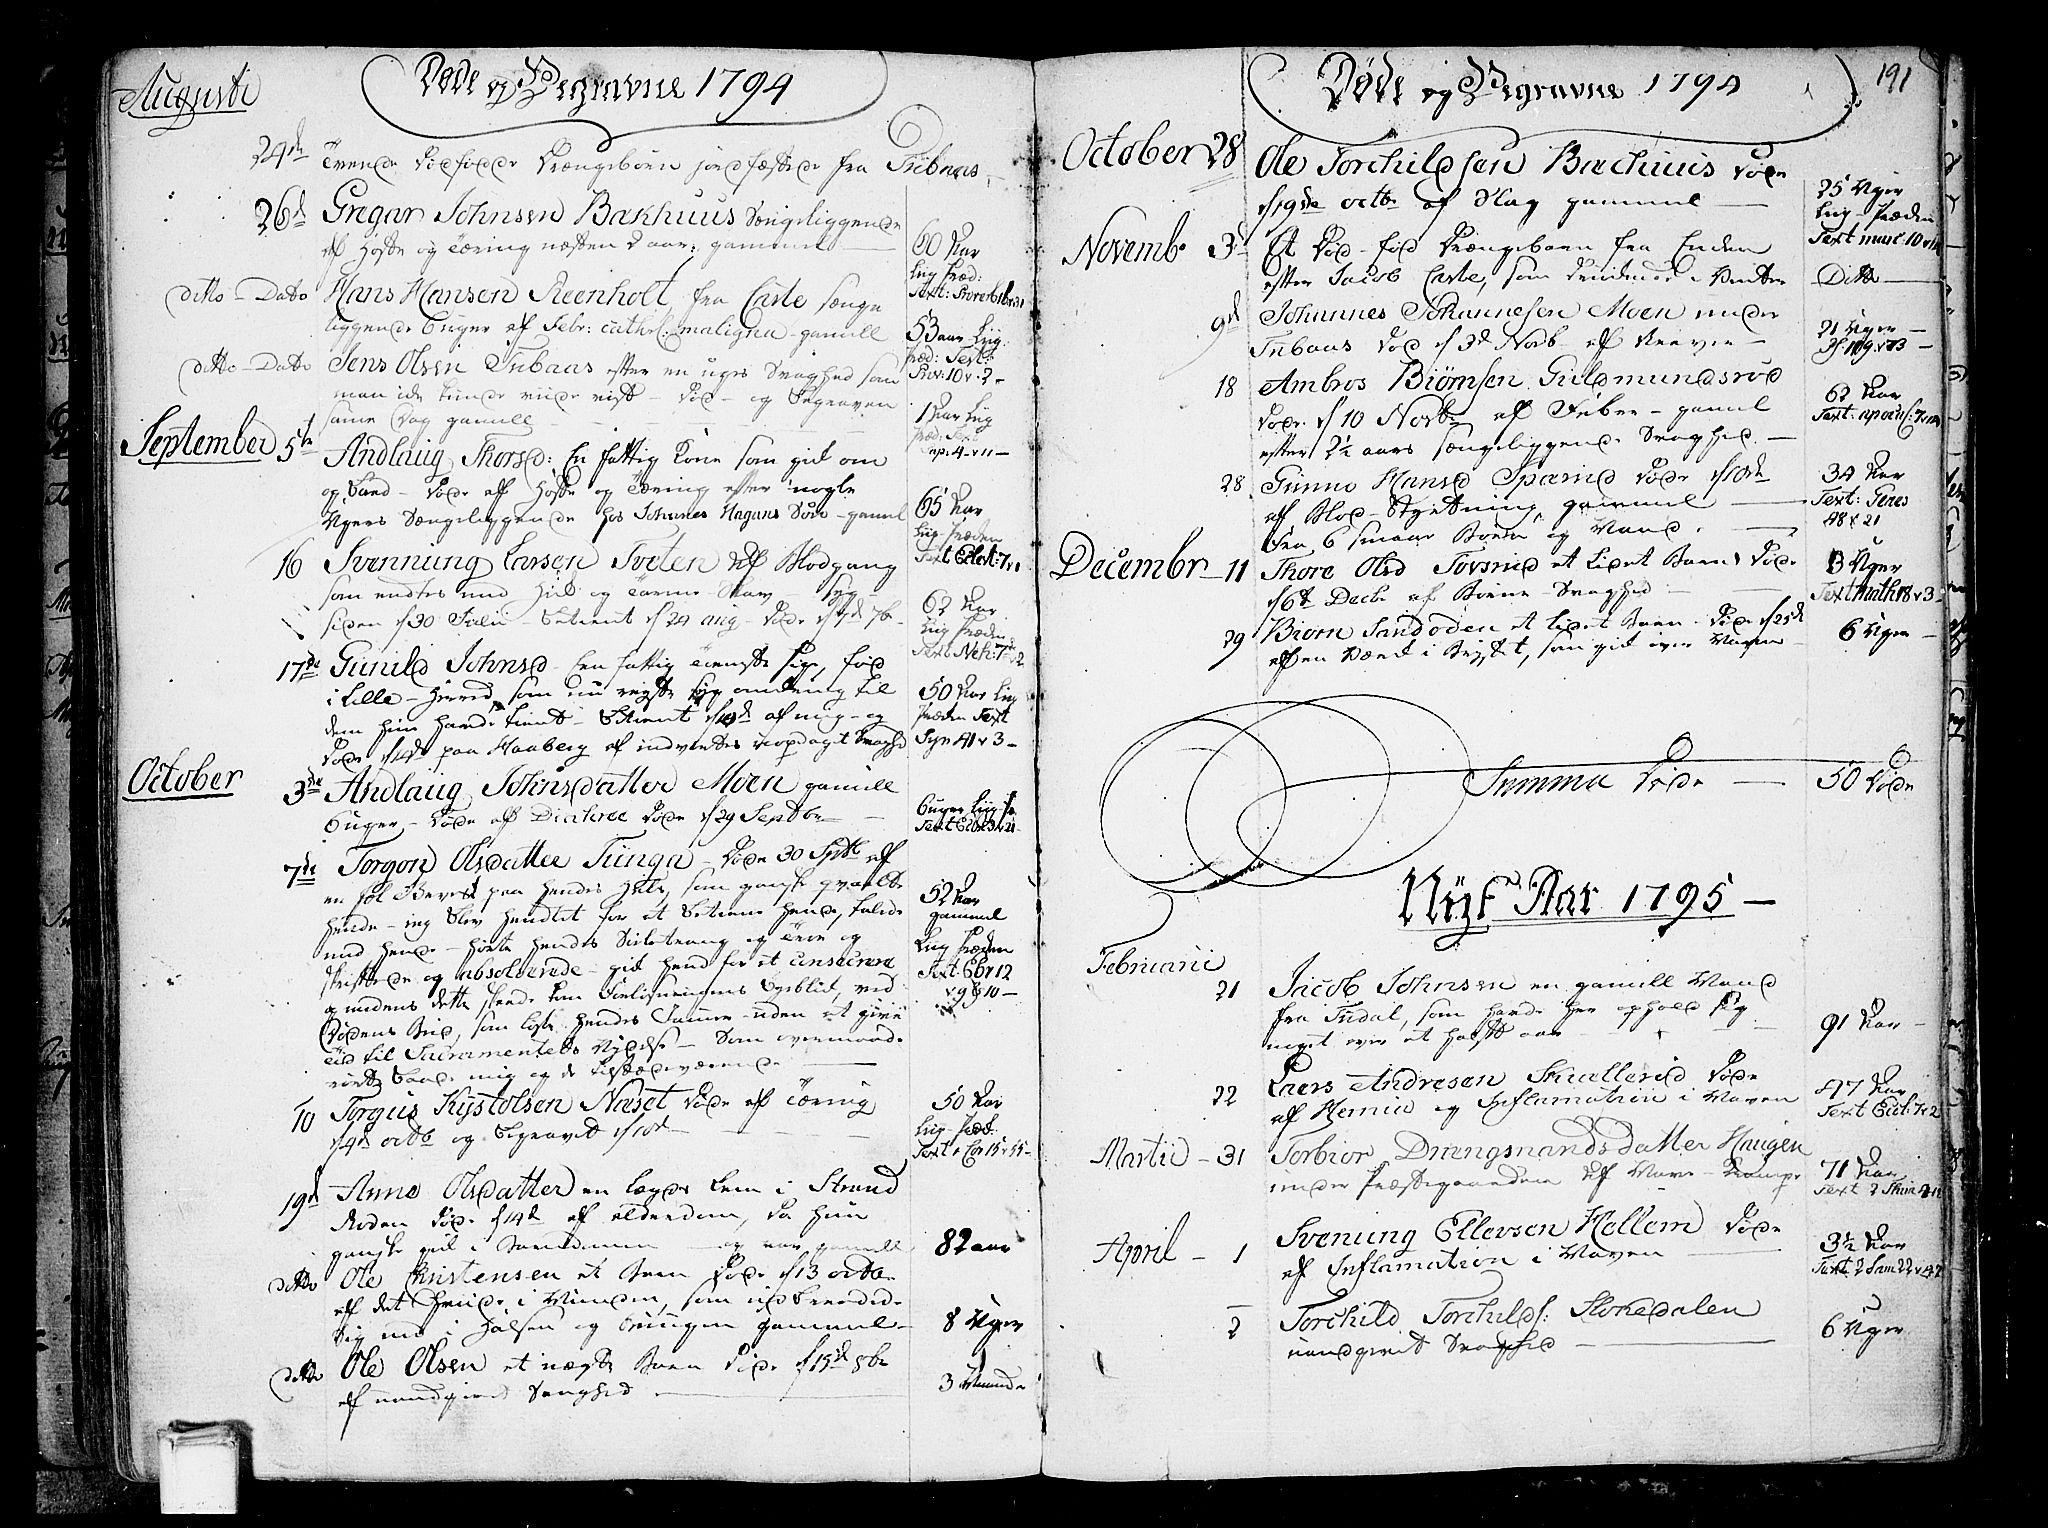 SAKO, Heddal kirkebøker, F/Fa/L0004: Ministerialbok nr. I 4, 1784-1814, s. 191